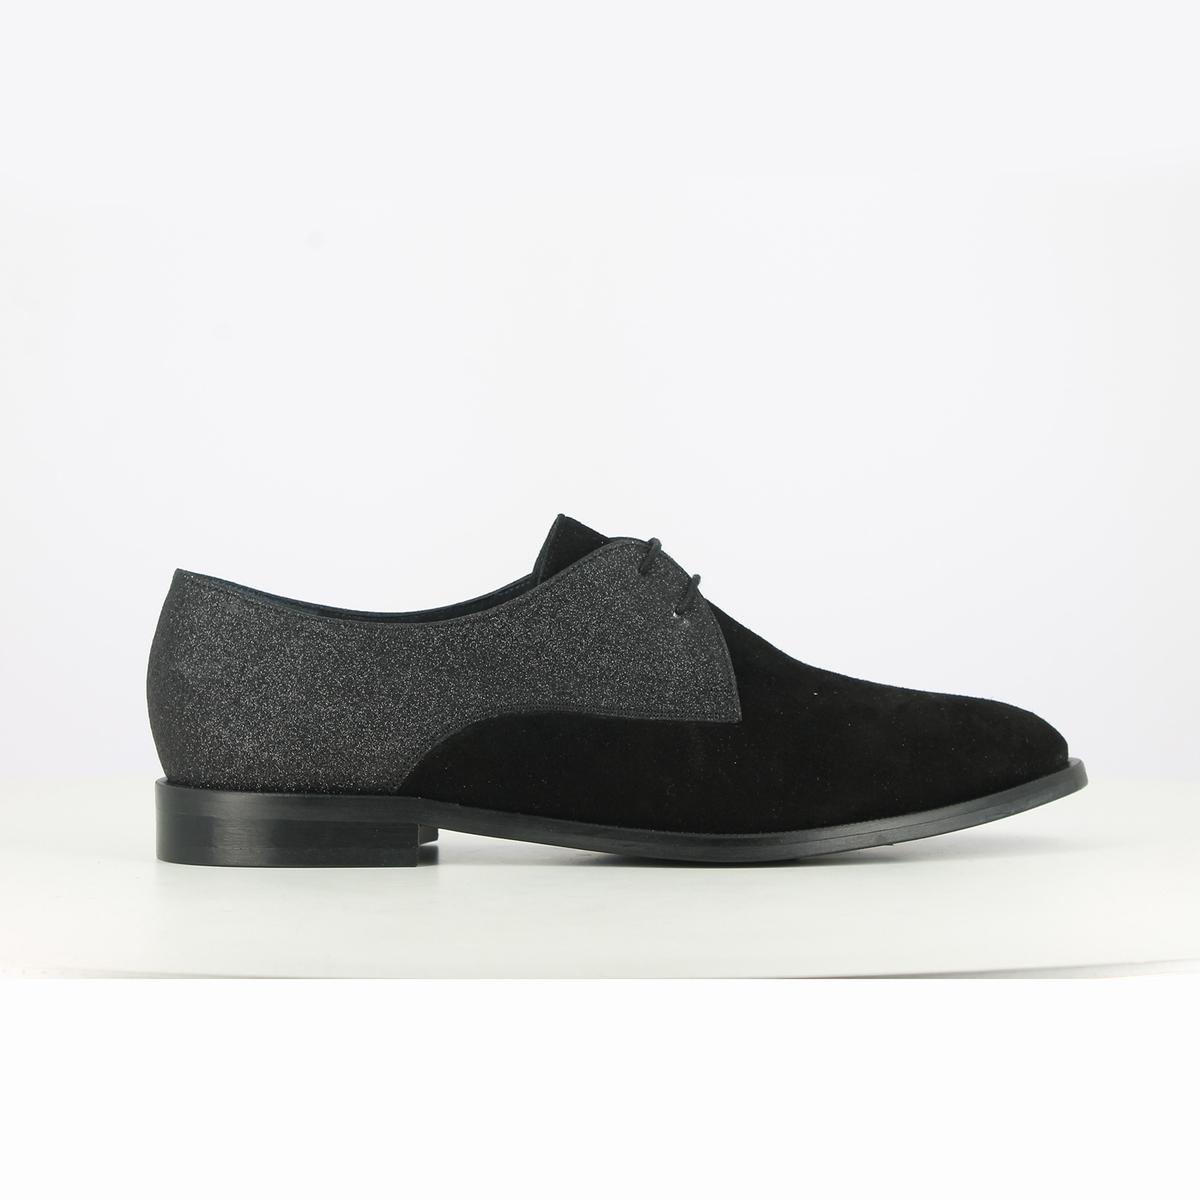 Ботинки-дерби кожаные Daido, эксклюзивная модель La Redoute